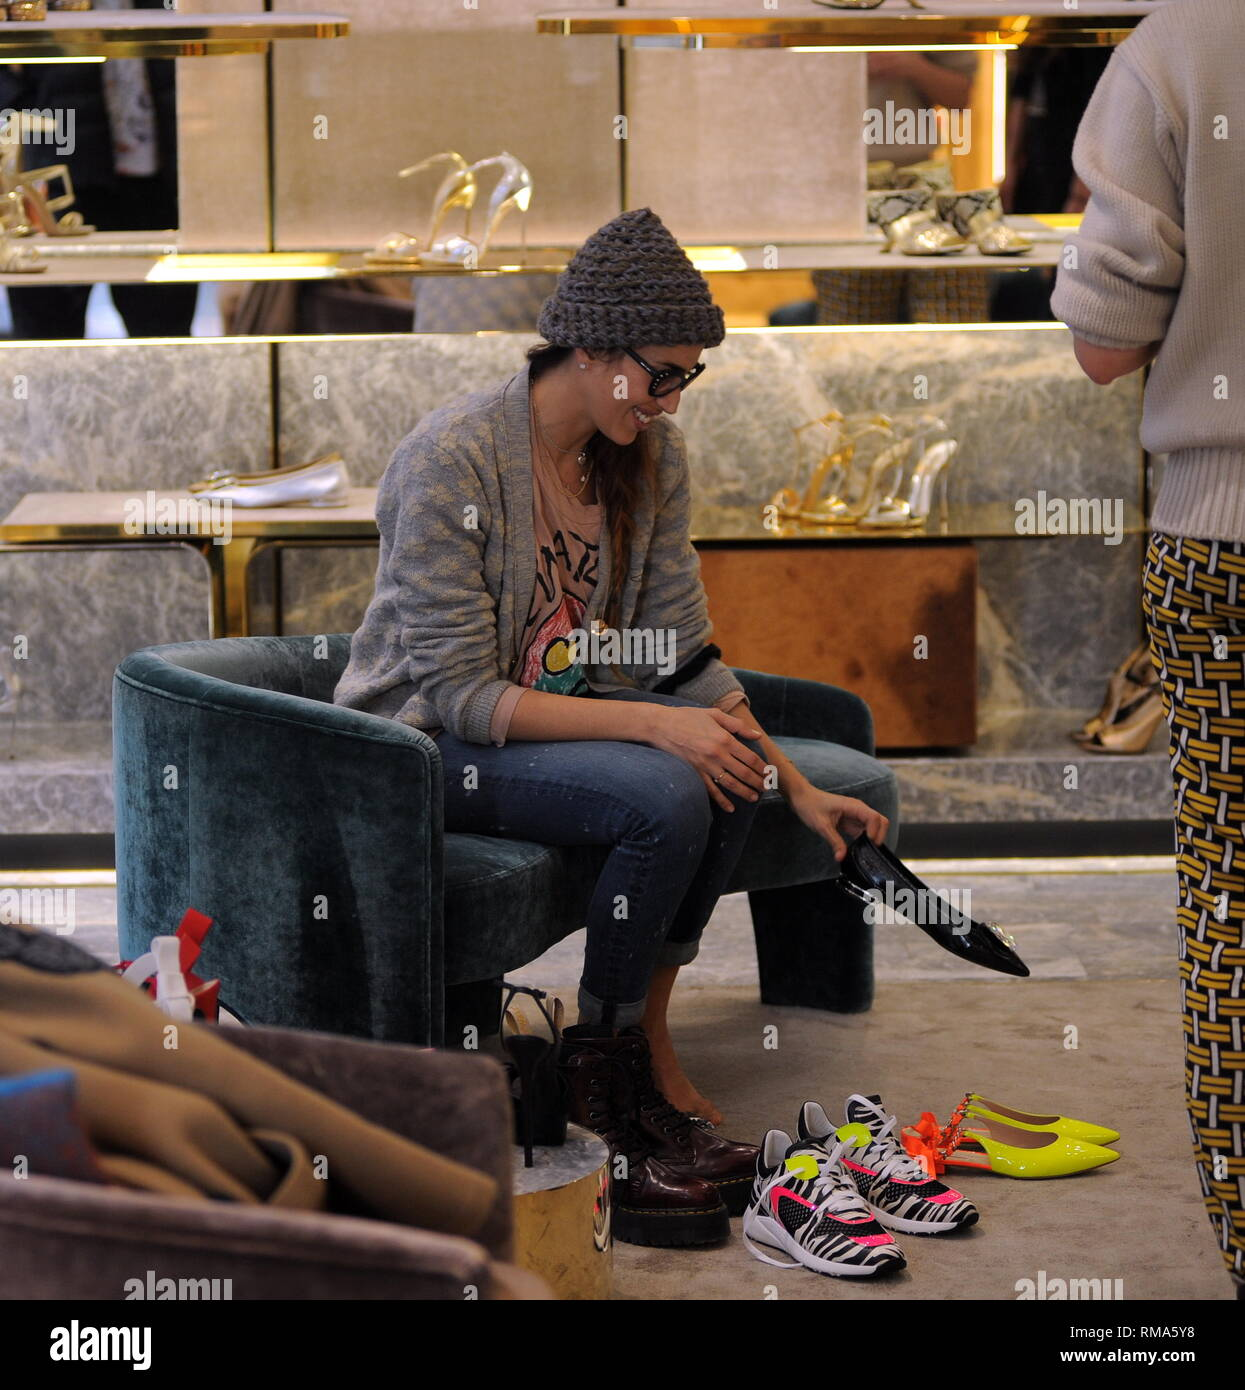 new product 5df33 3617b Mailand, Nina Zilli ist Shopping in der Innenstadt mit ihrem ...